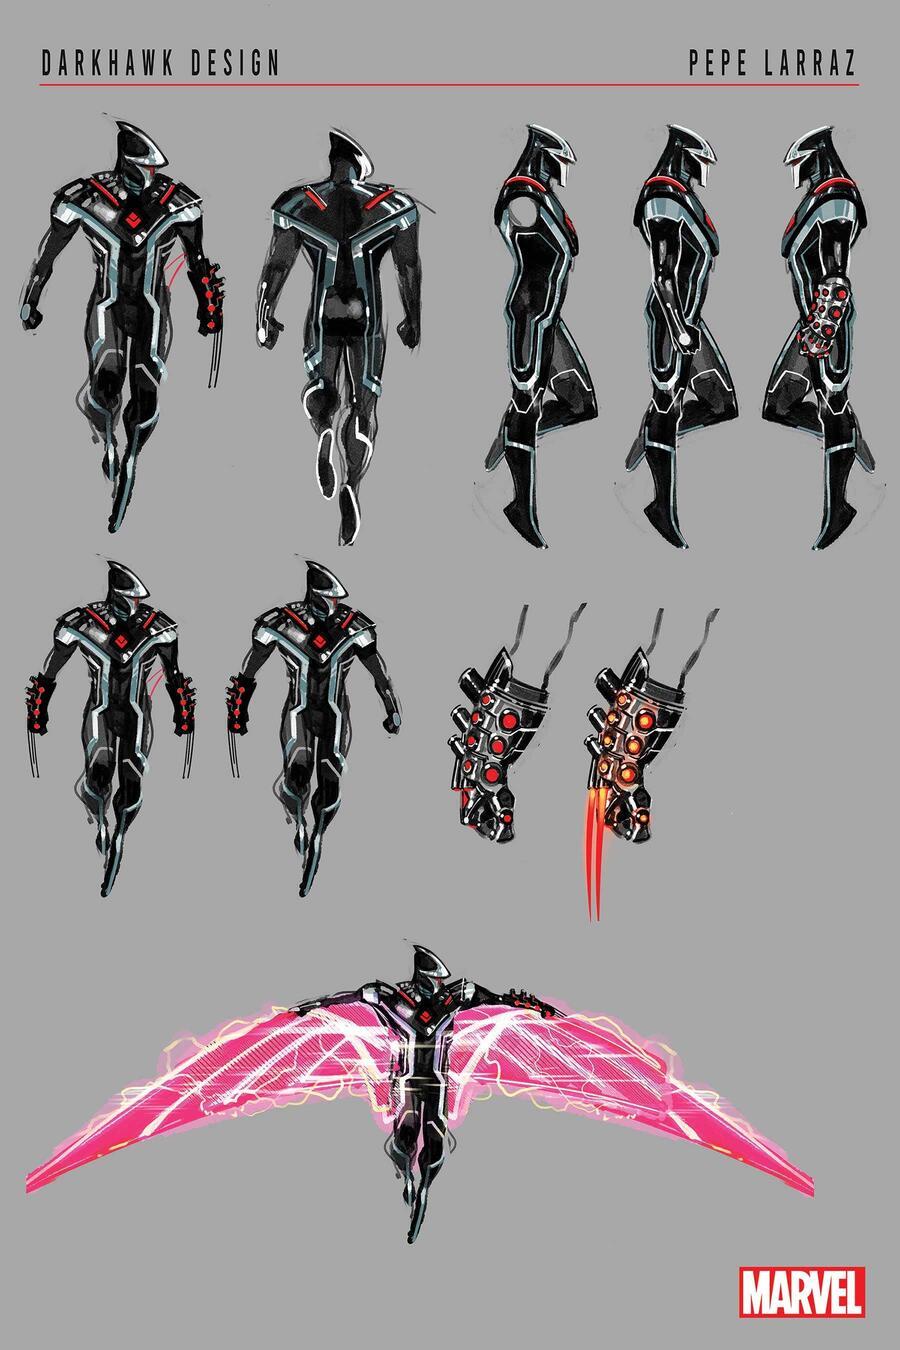 Darkhawk, character design di Pepe Larraz